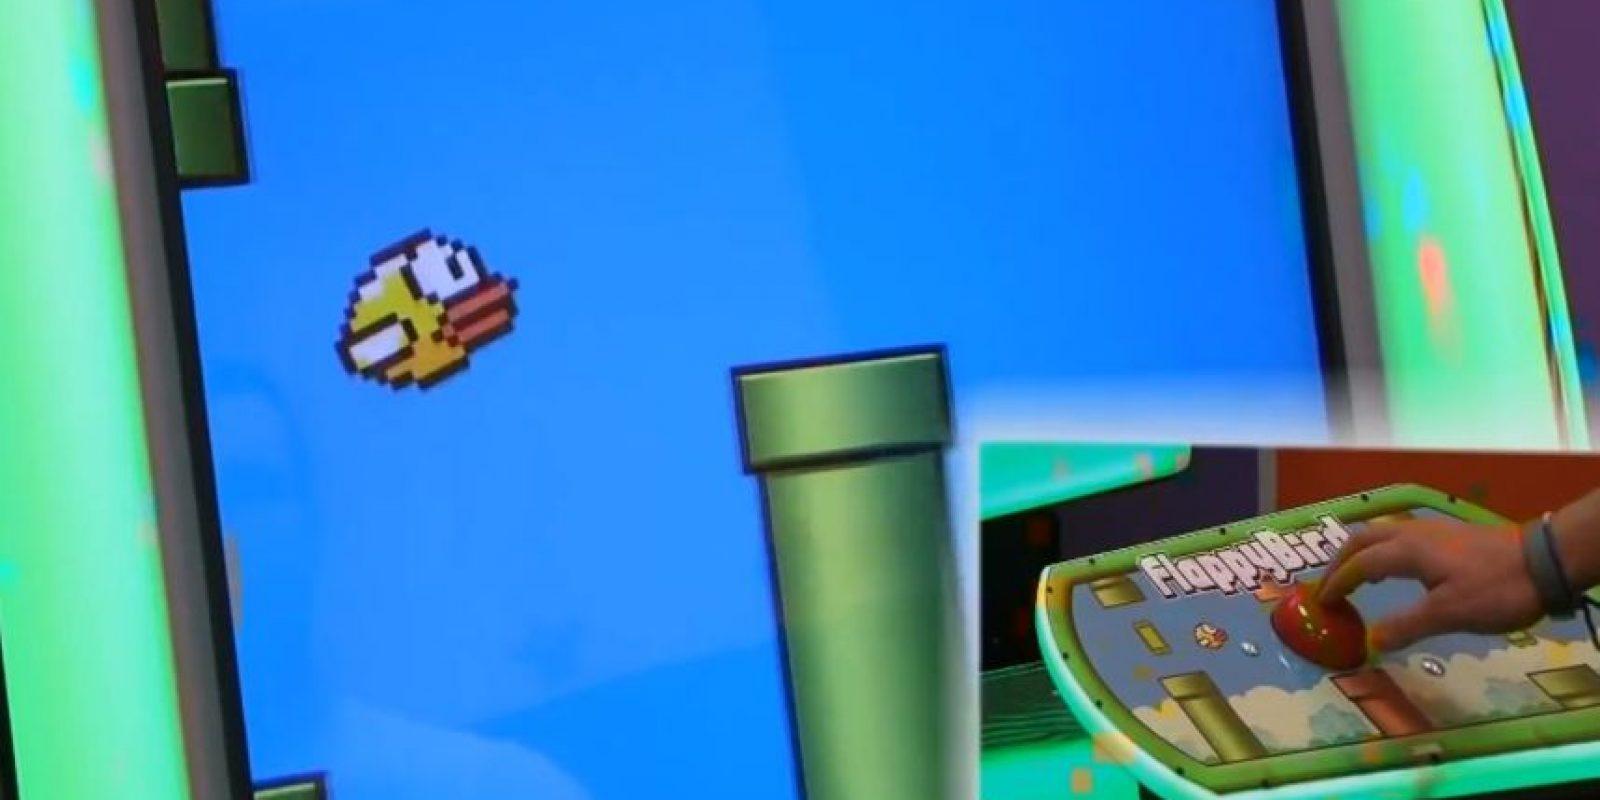 Un botón es suficiente para manejar al ave amarilla. Foto:vía ASI Dubai